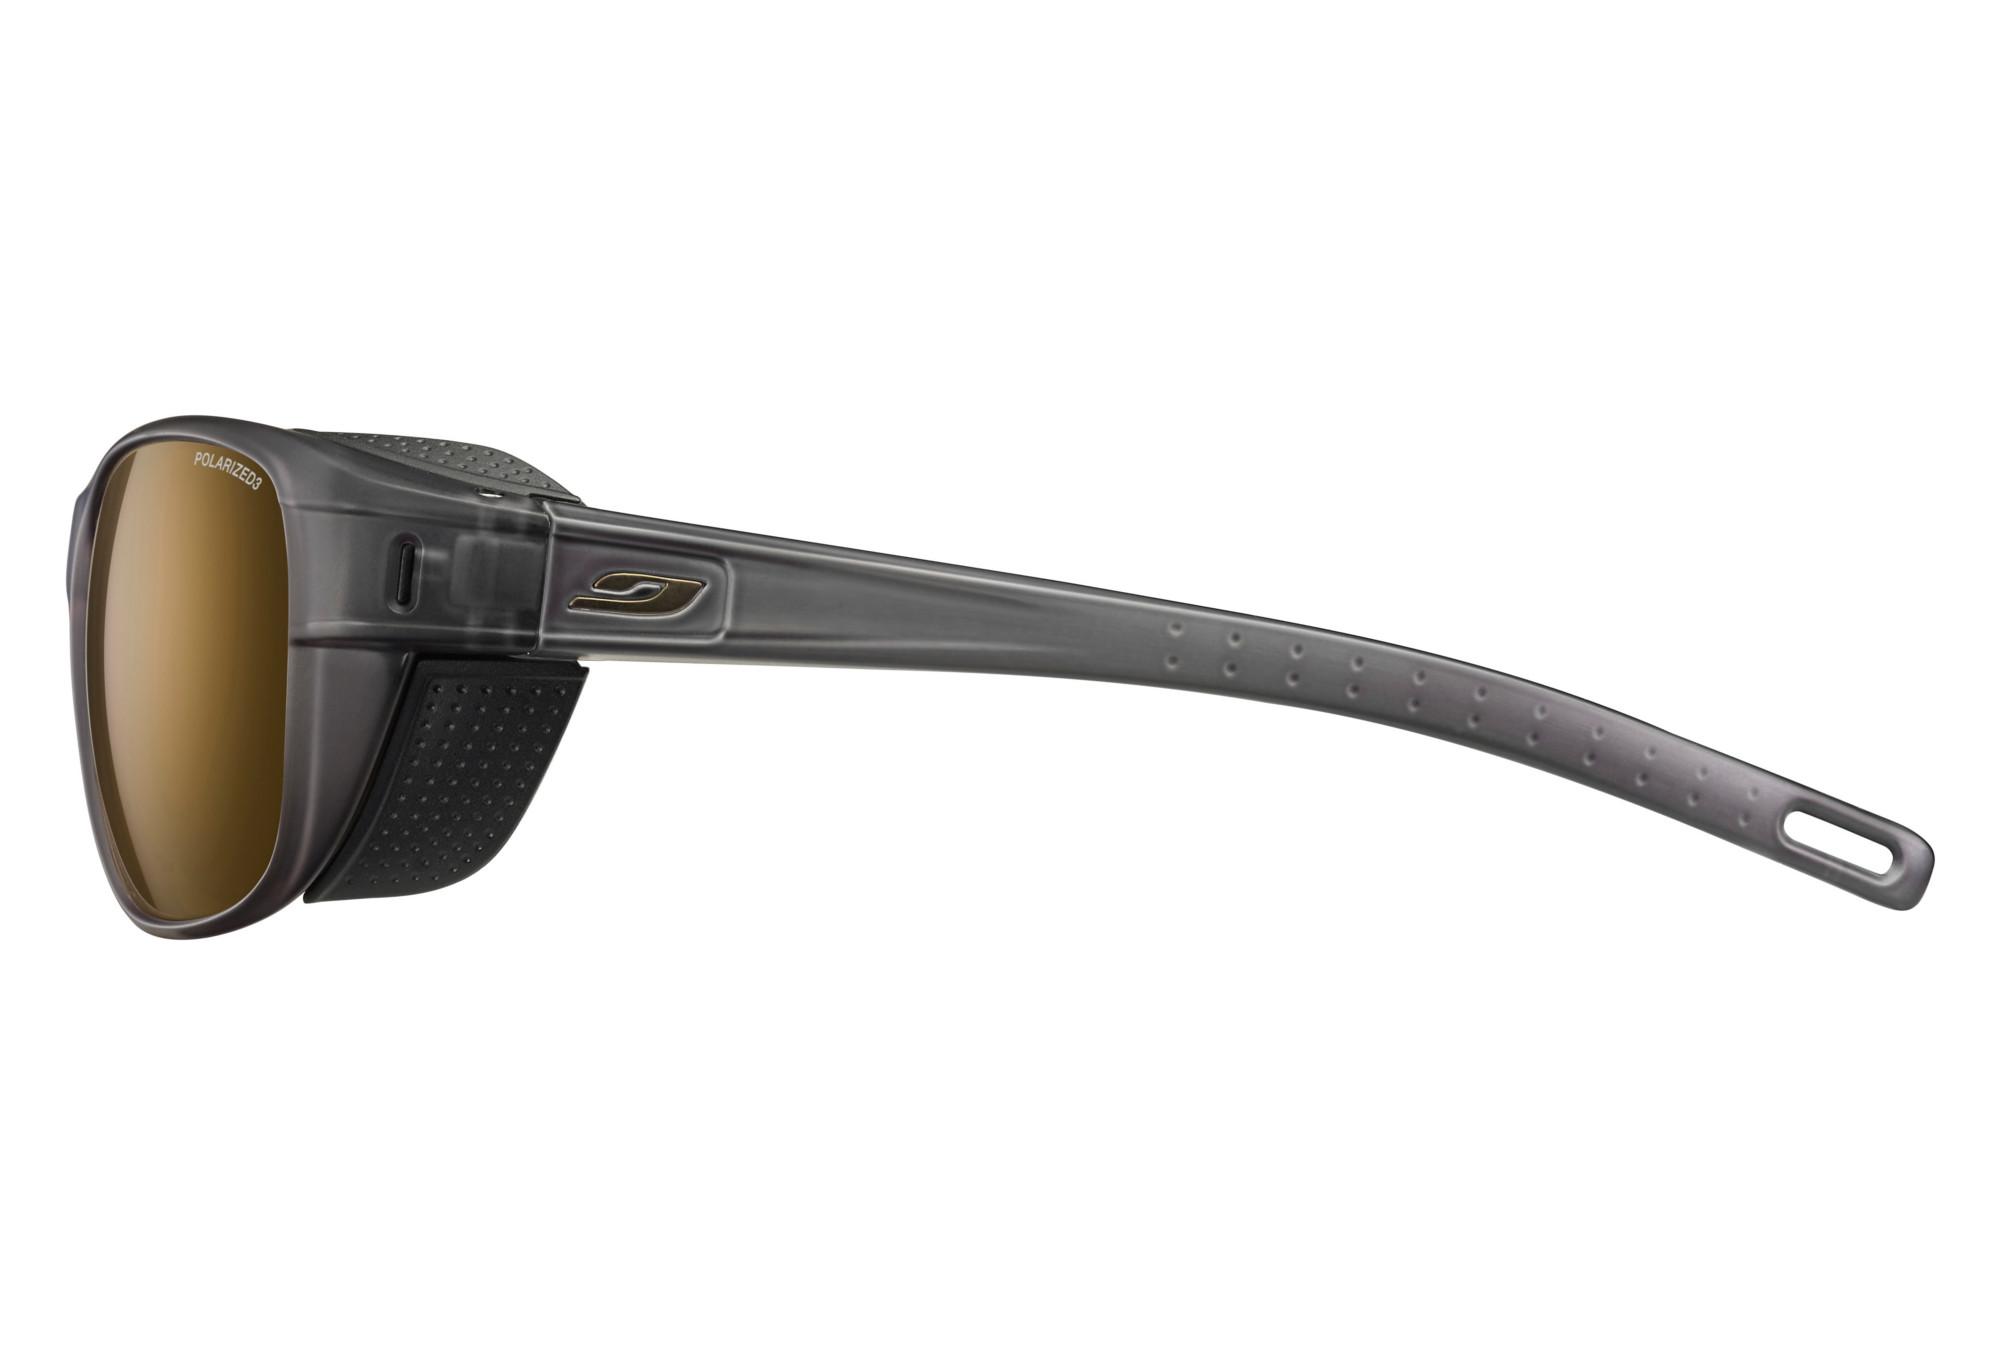 ce7fa25750a Julbo Camino Sunglasses Polarized 3 Grey - Orange